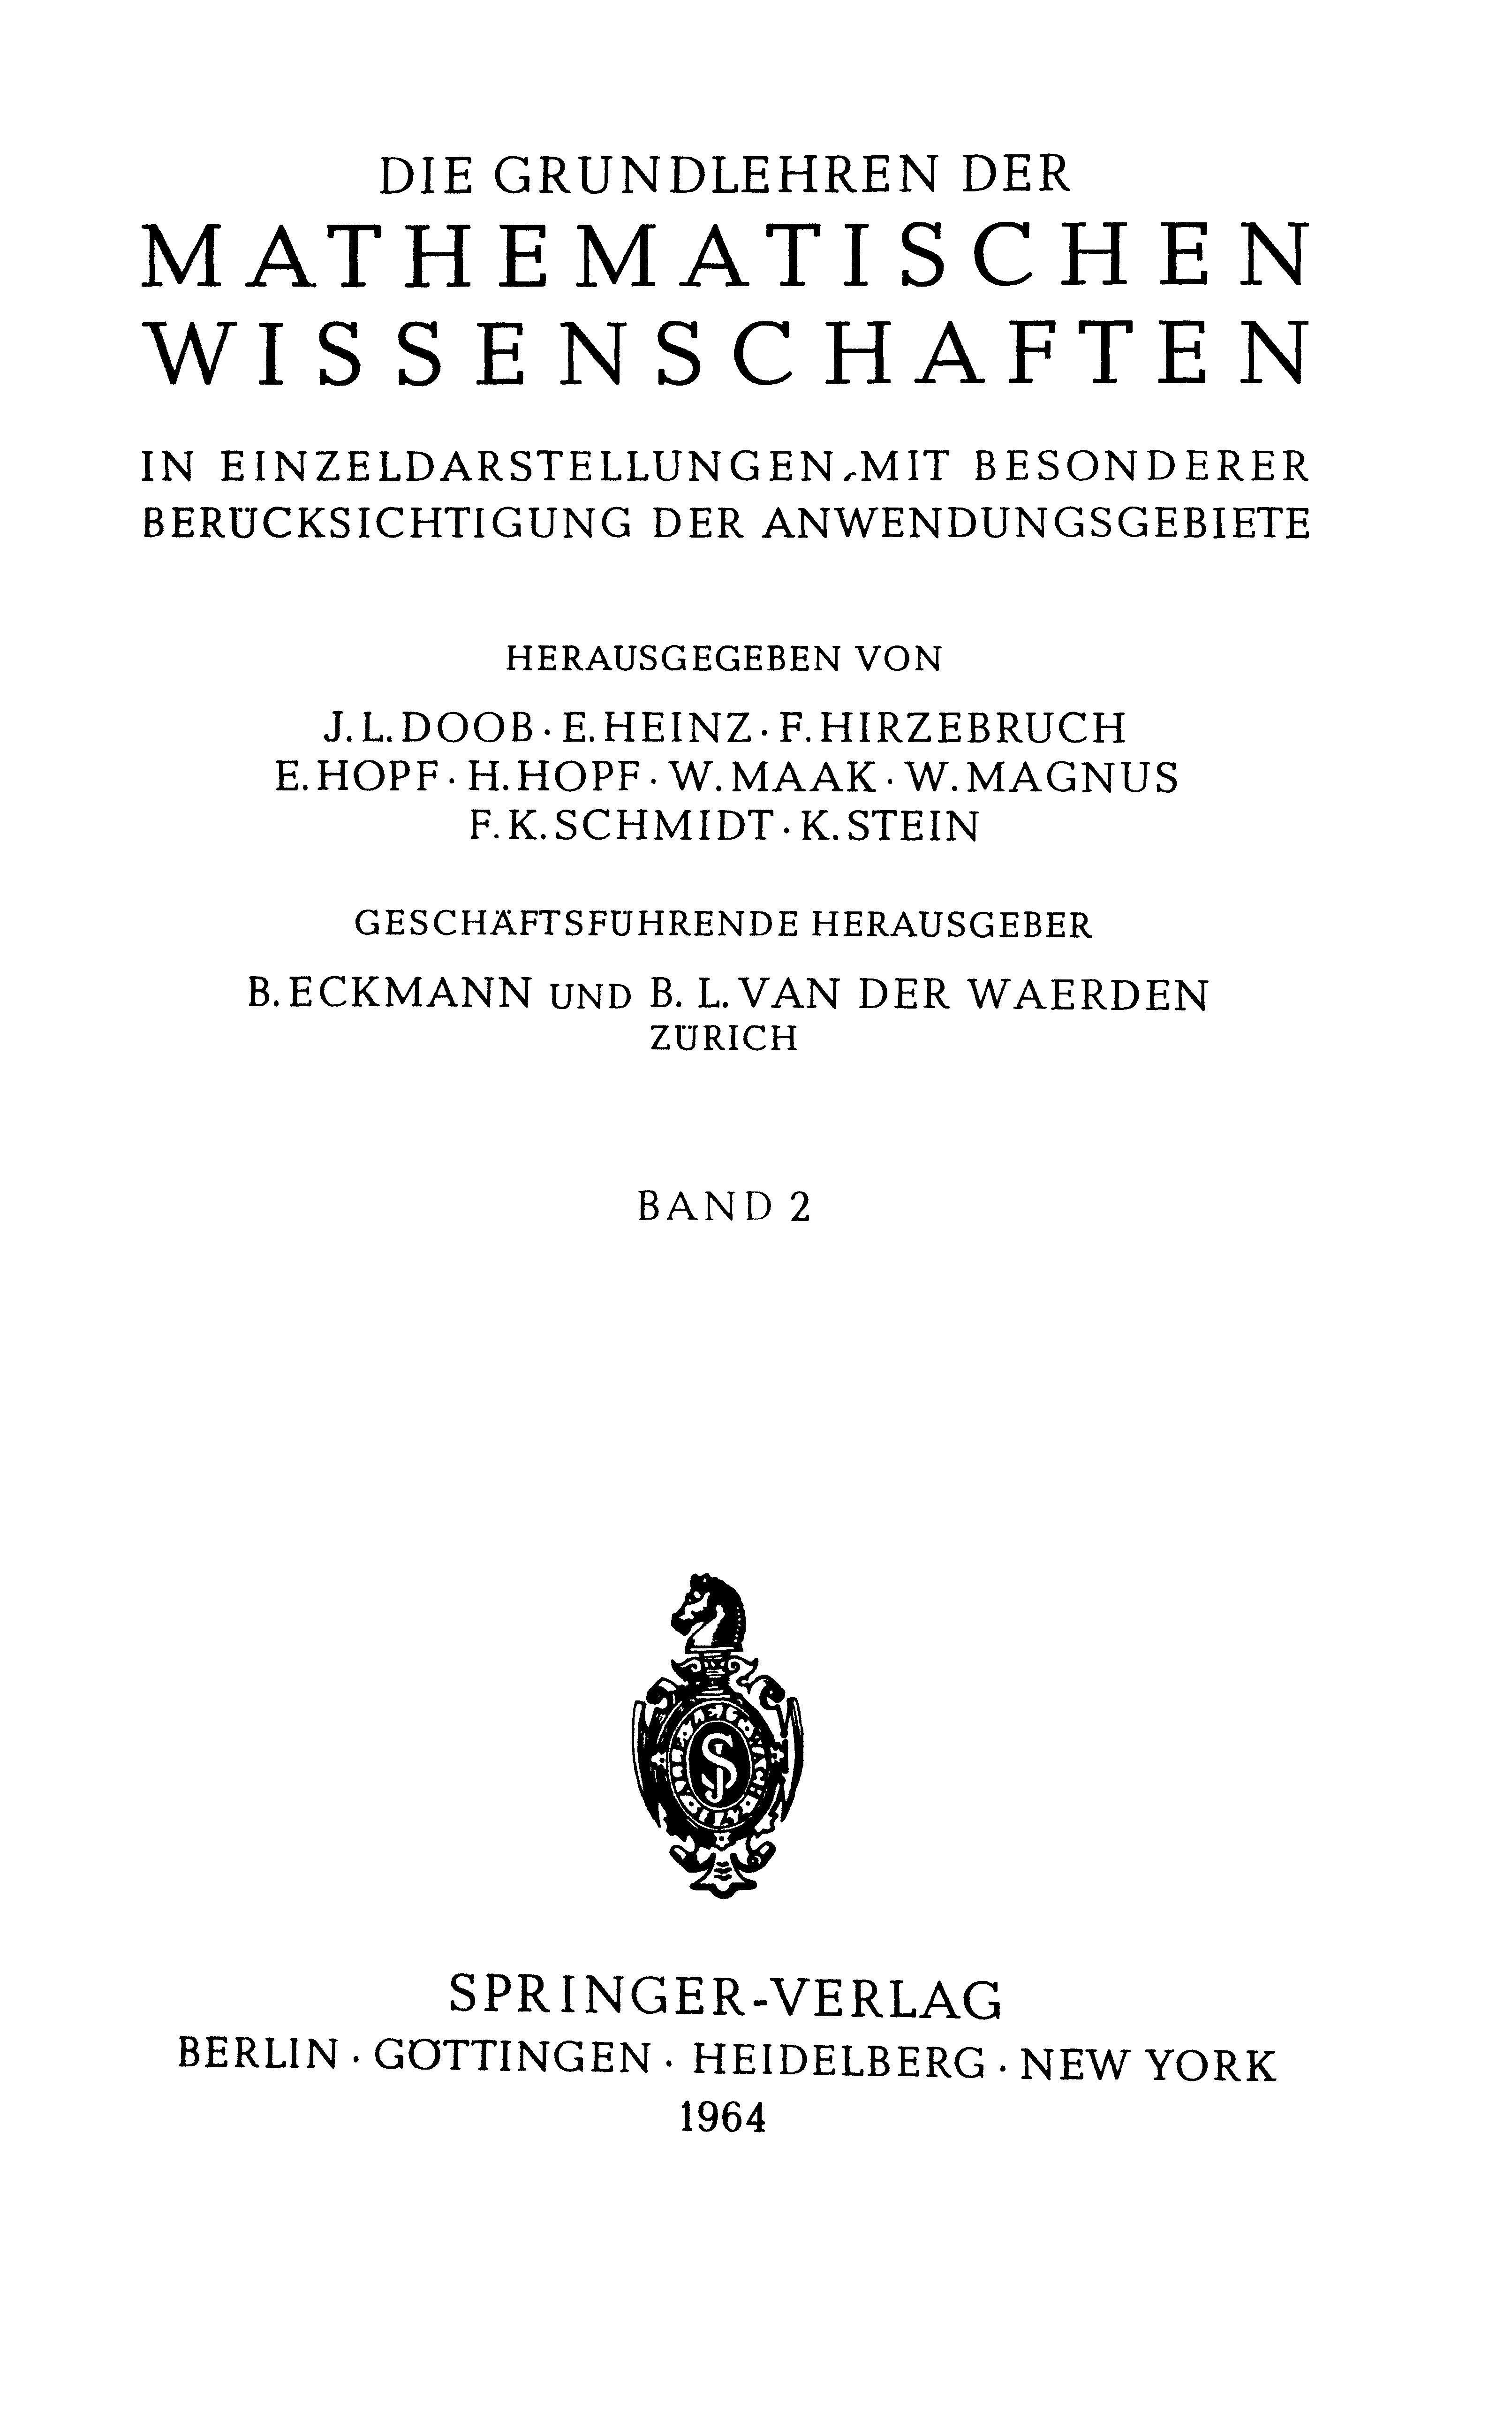 Exelent Relativsätzen Einer Tabelle KS2 Picture Collection ...